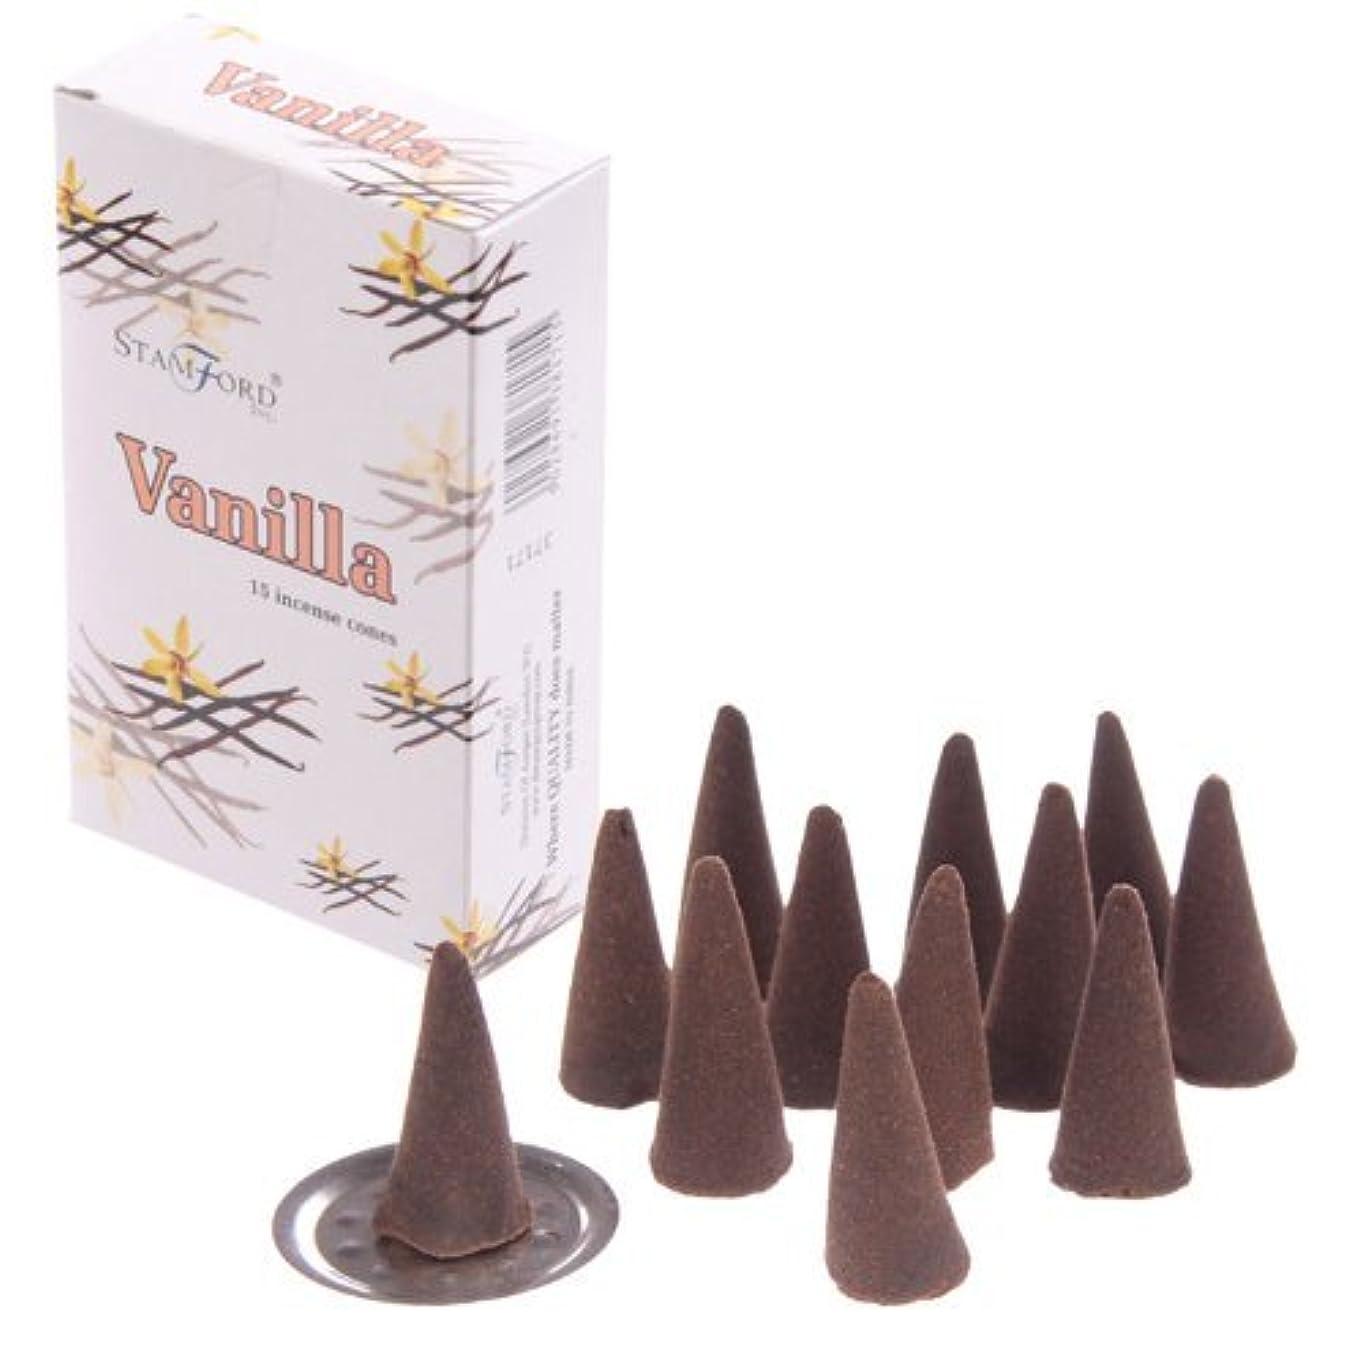 ベッツィトロットウッド注釈マラドロイトStamford Incense Cones - Vanilla 37171 by Puckator [並行輸入品]